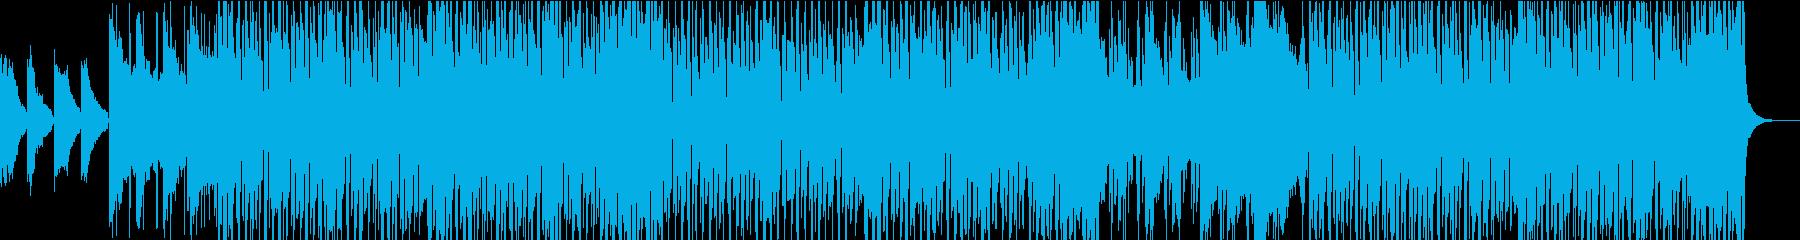 夏の終り 切ないトロピカルハウスの再生済みの波形